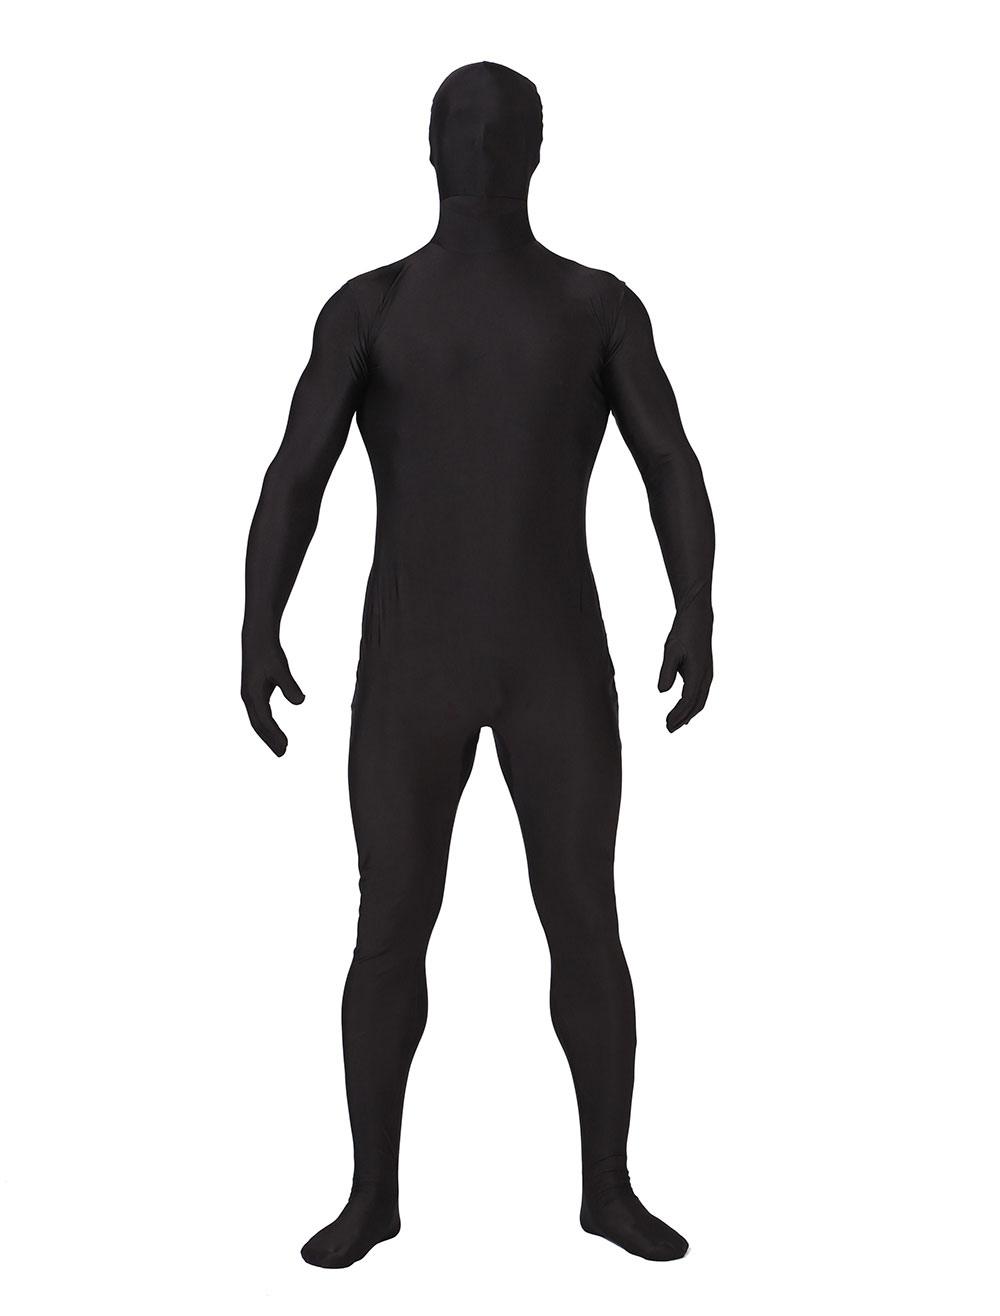 Women Black Full Zentai Suit Bodysuits Halloween Cosplay Costumes Lycra Unitard